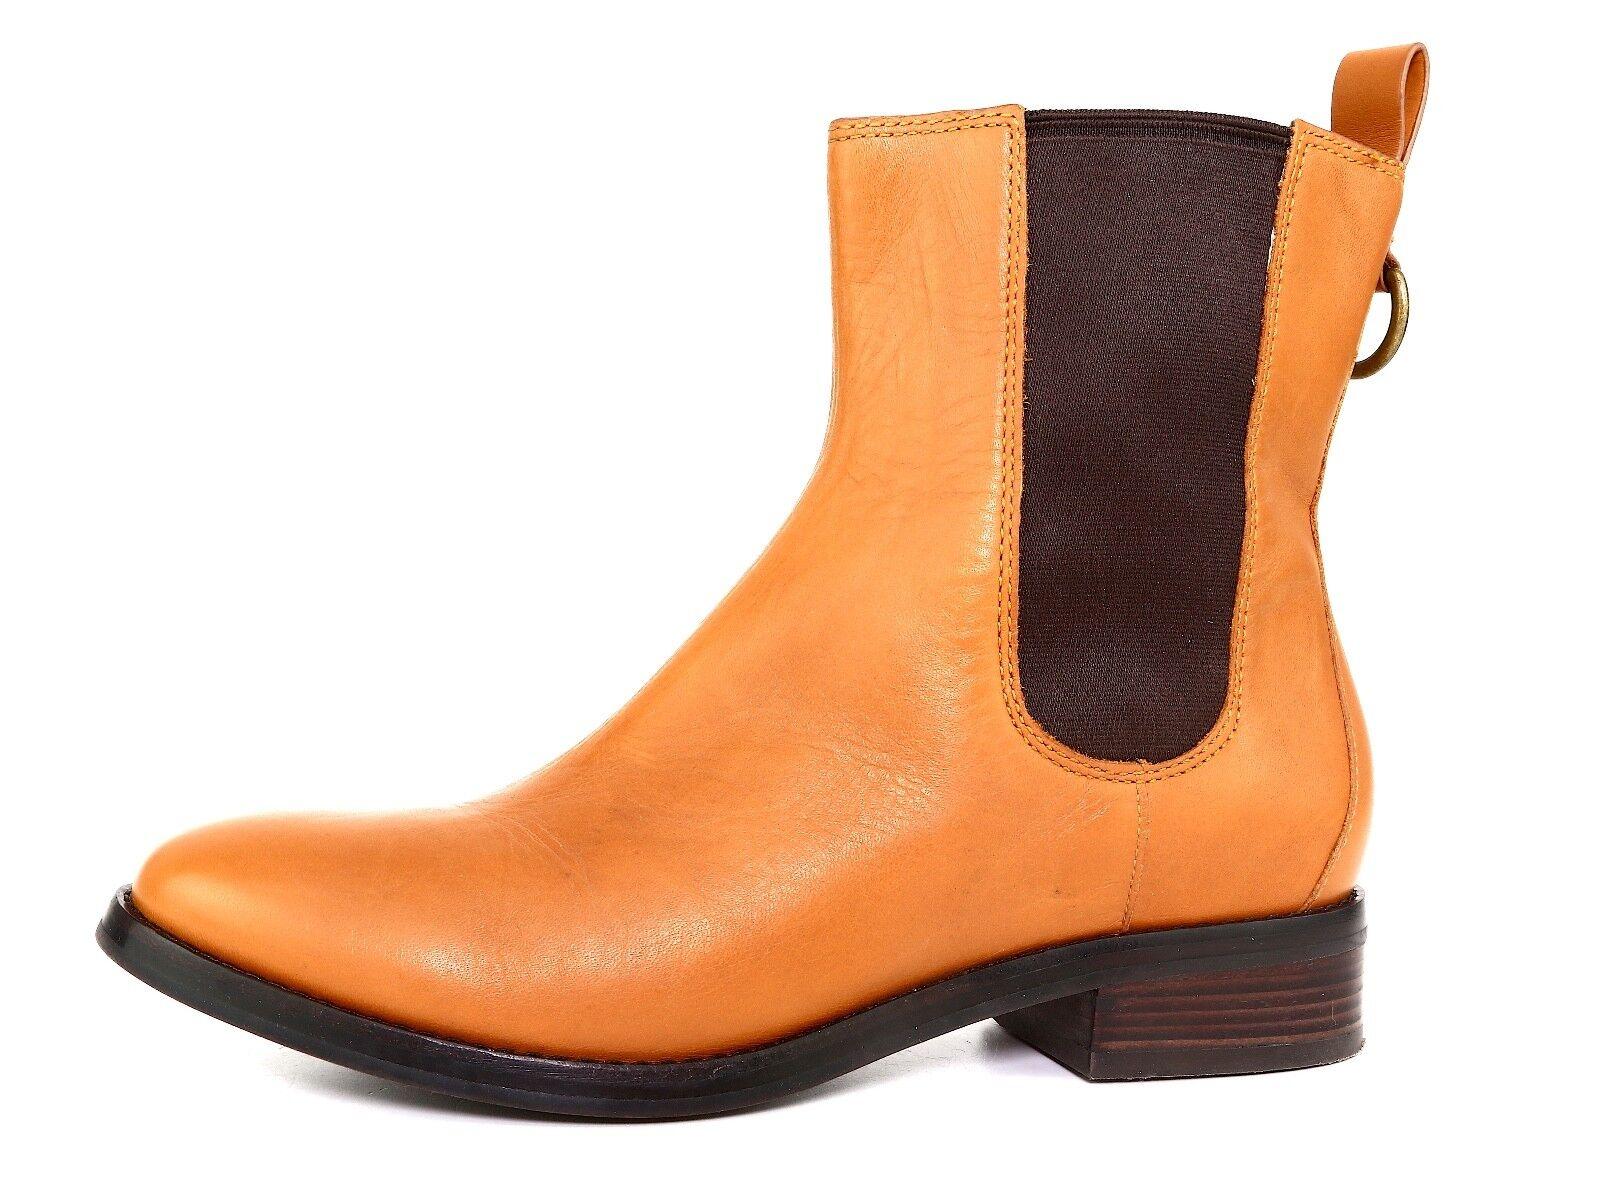 Cole Haan Evan Short Leather Boot Tan Brown Women Sz 7.5 B 5679